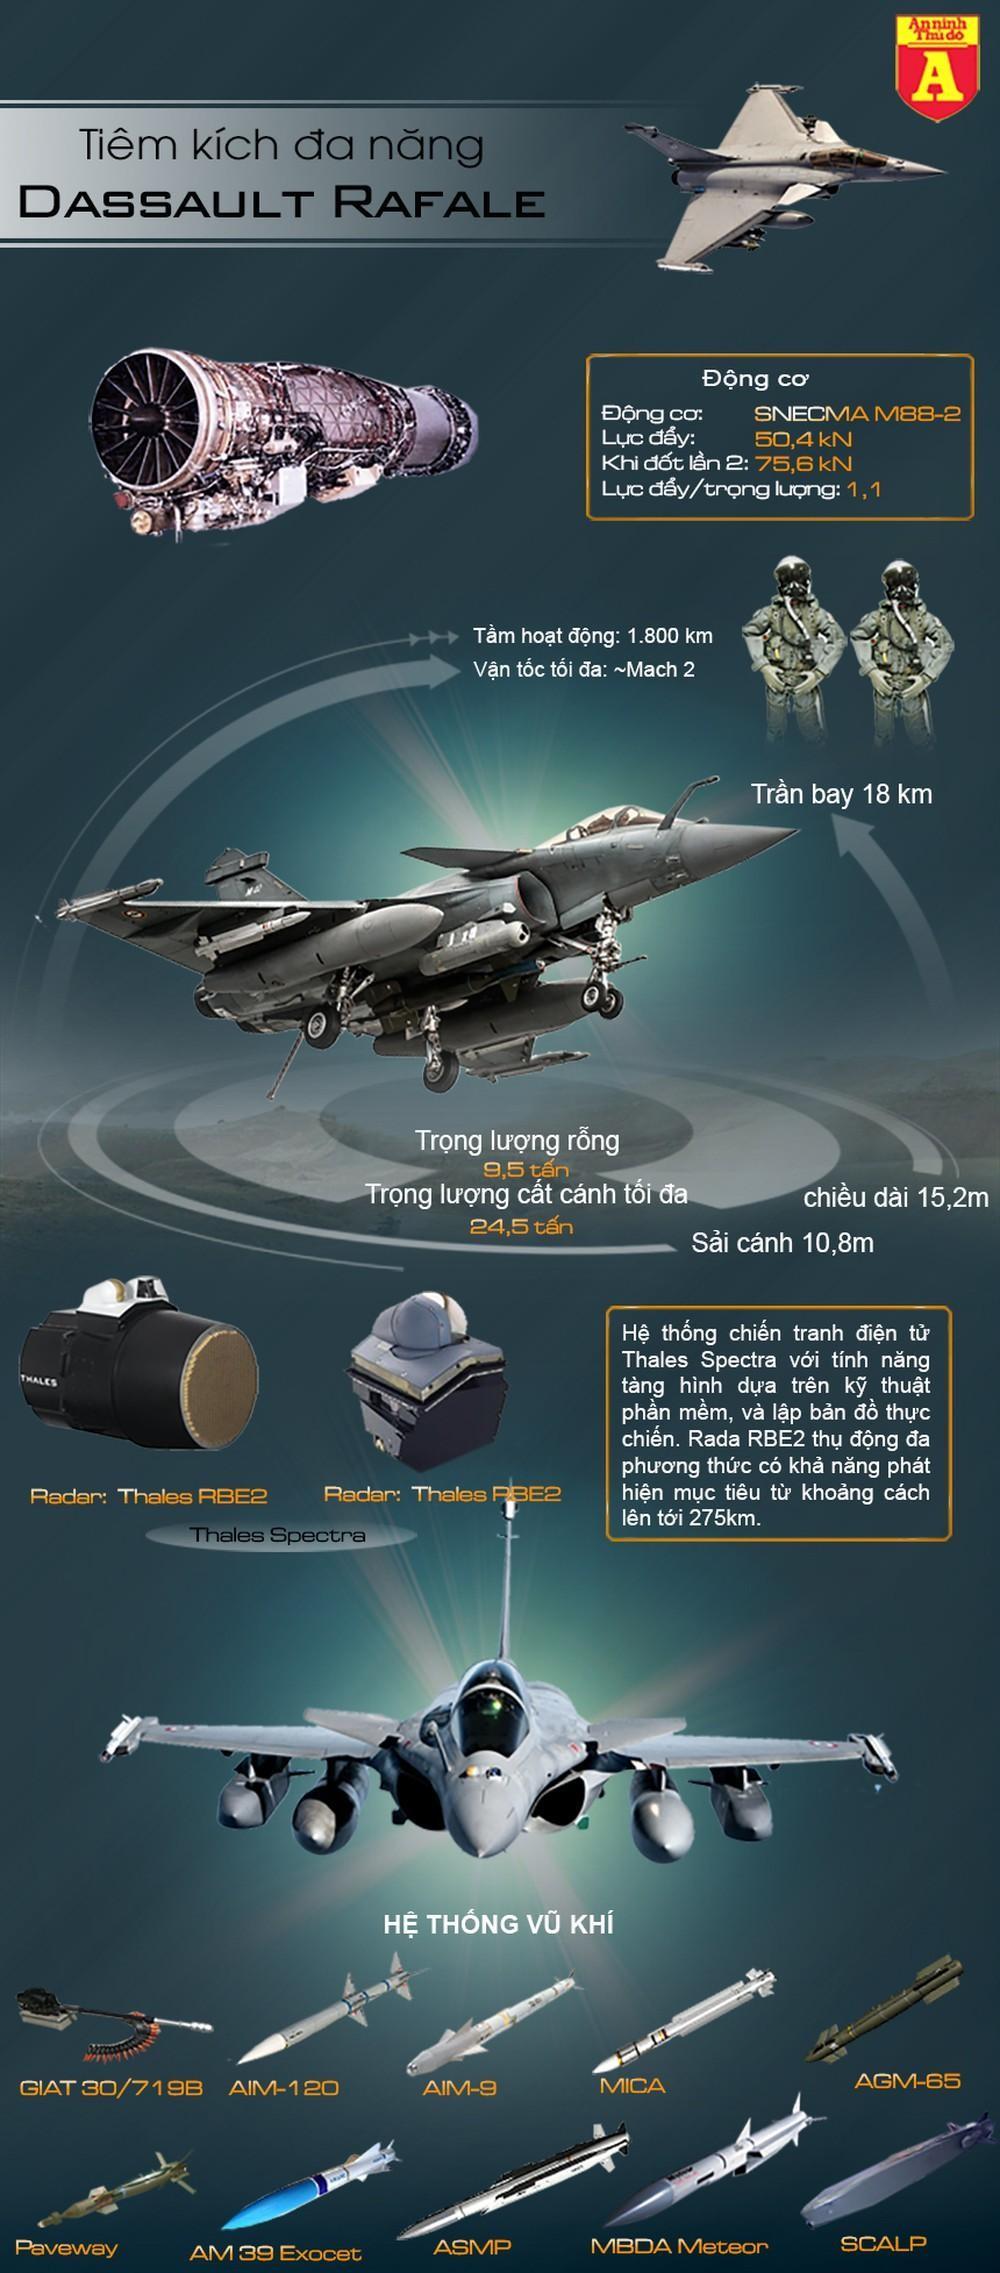 [Info] Ấn Độ điều siêu tiêm kích Rafale tới gần biên giới với Trung Quốc ảnh 4